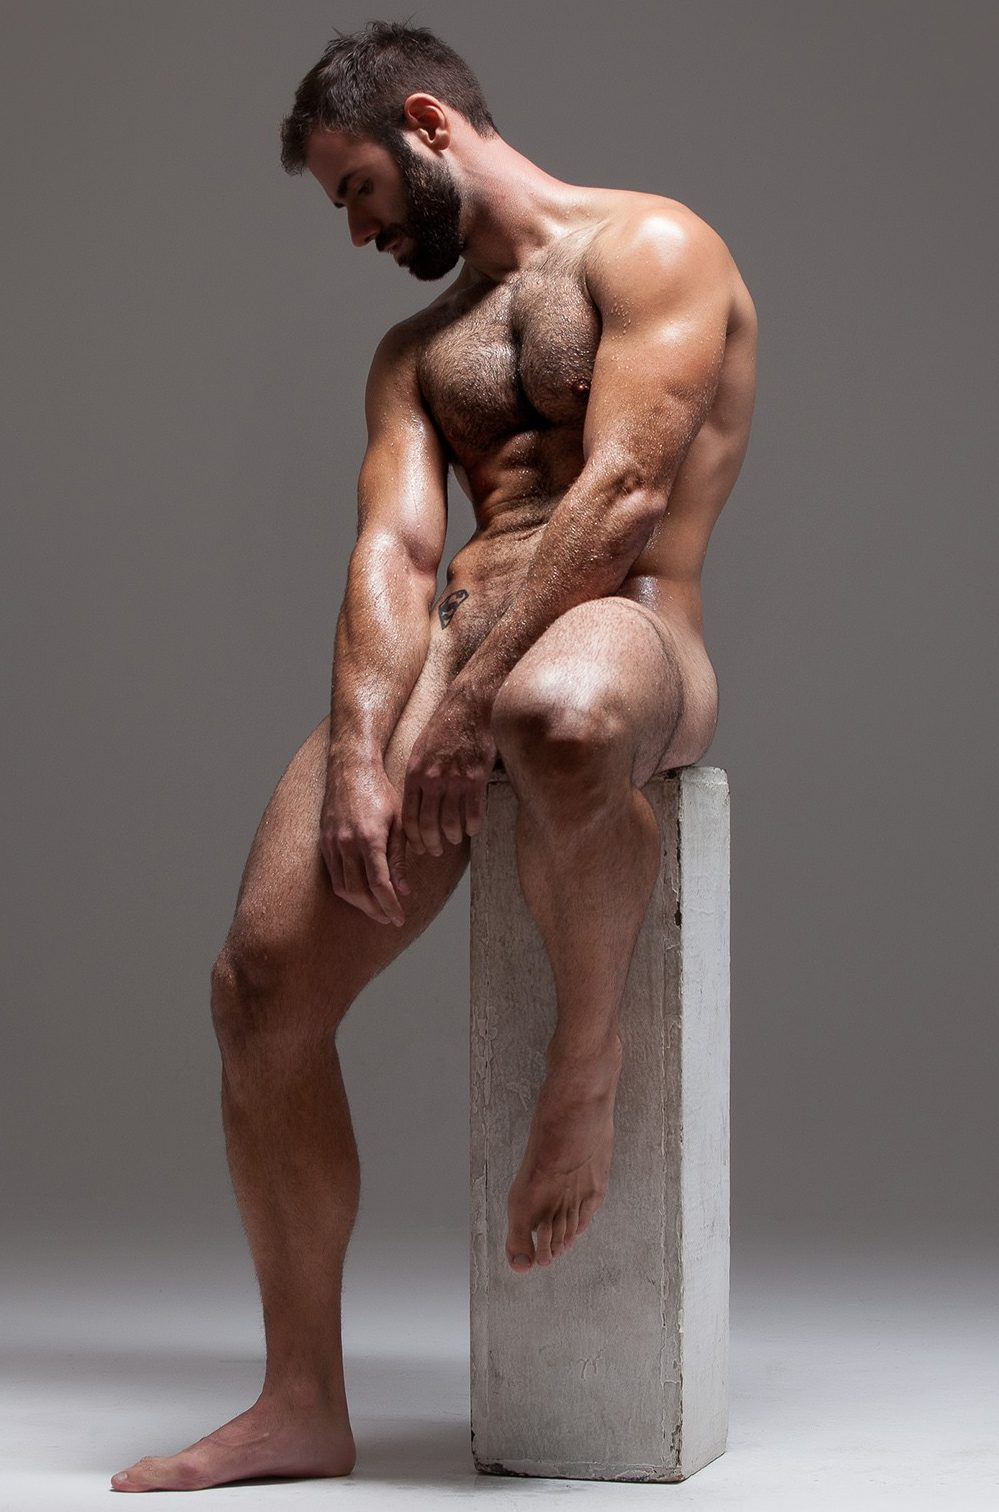 Gay art bodybuilder nude naked male digital painting print queer pride